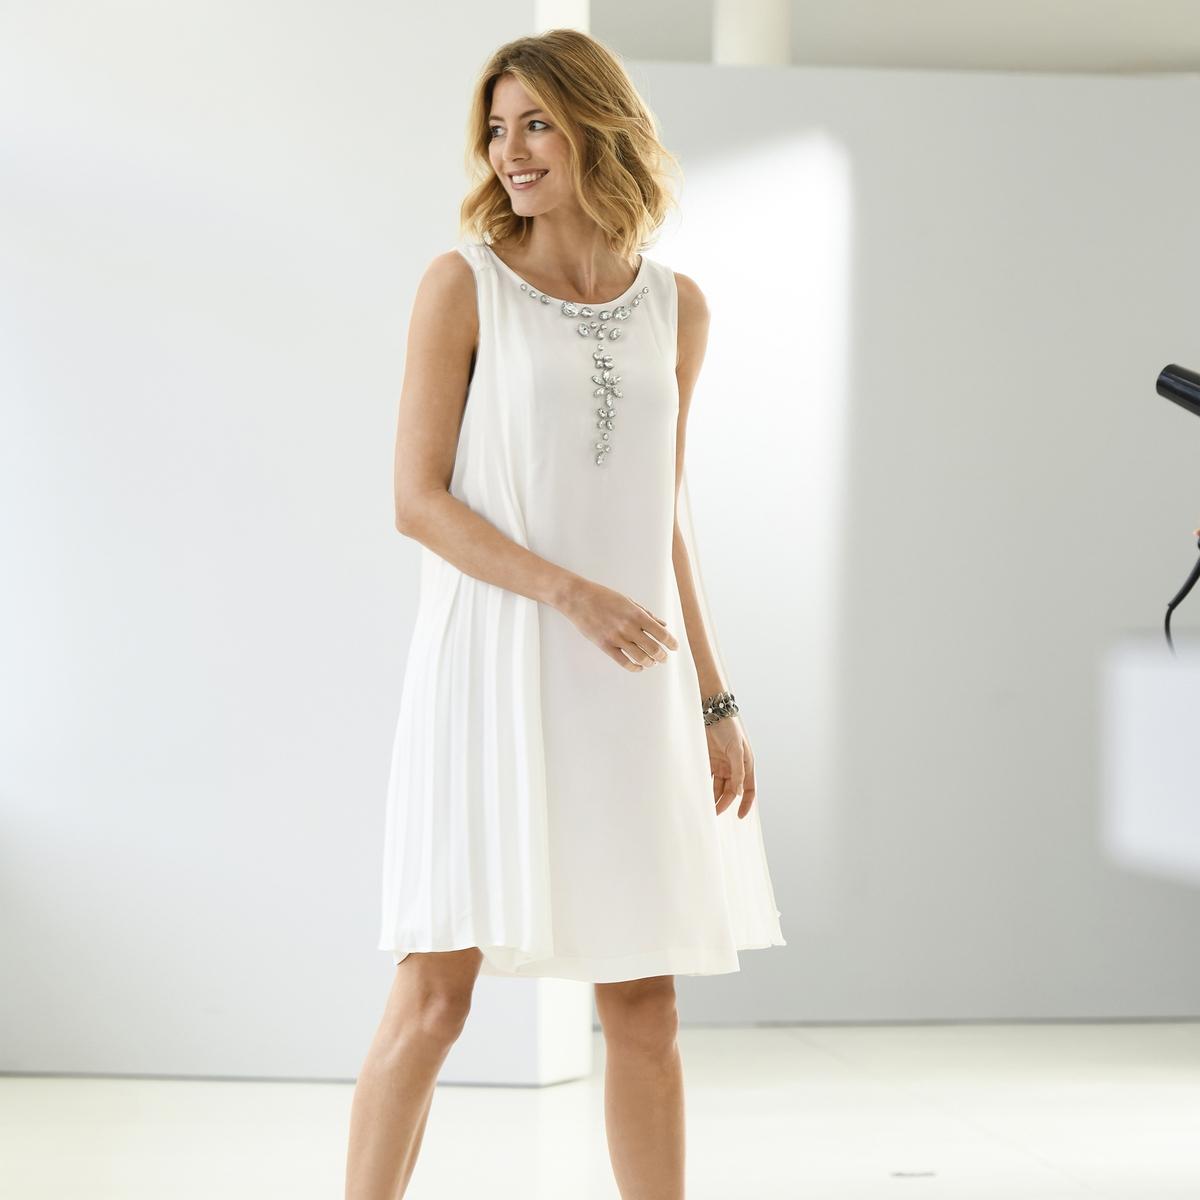 Imagen secundaria de producto de Vestido plisado, sin mangas - Anne weyburn